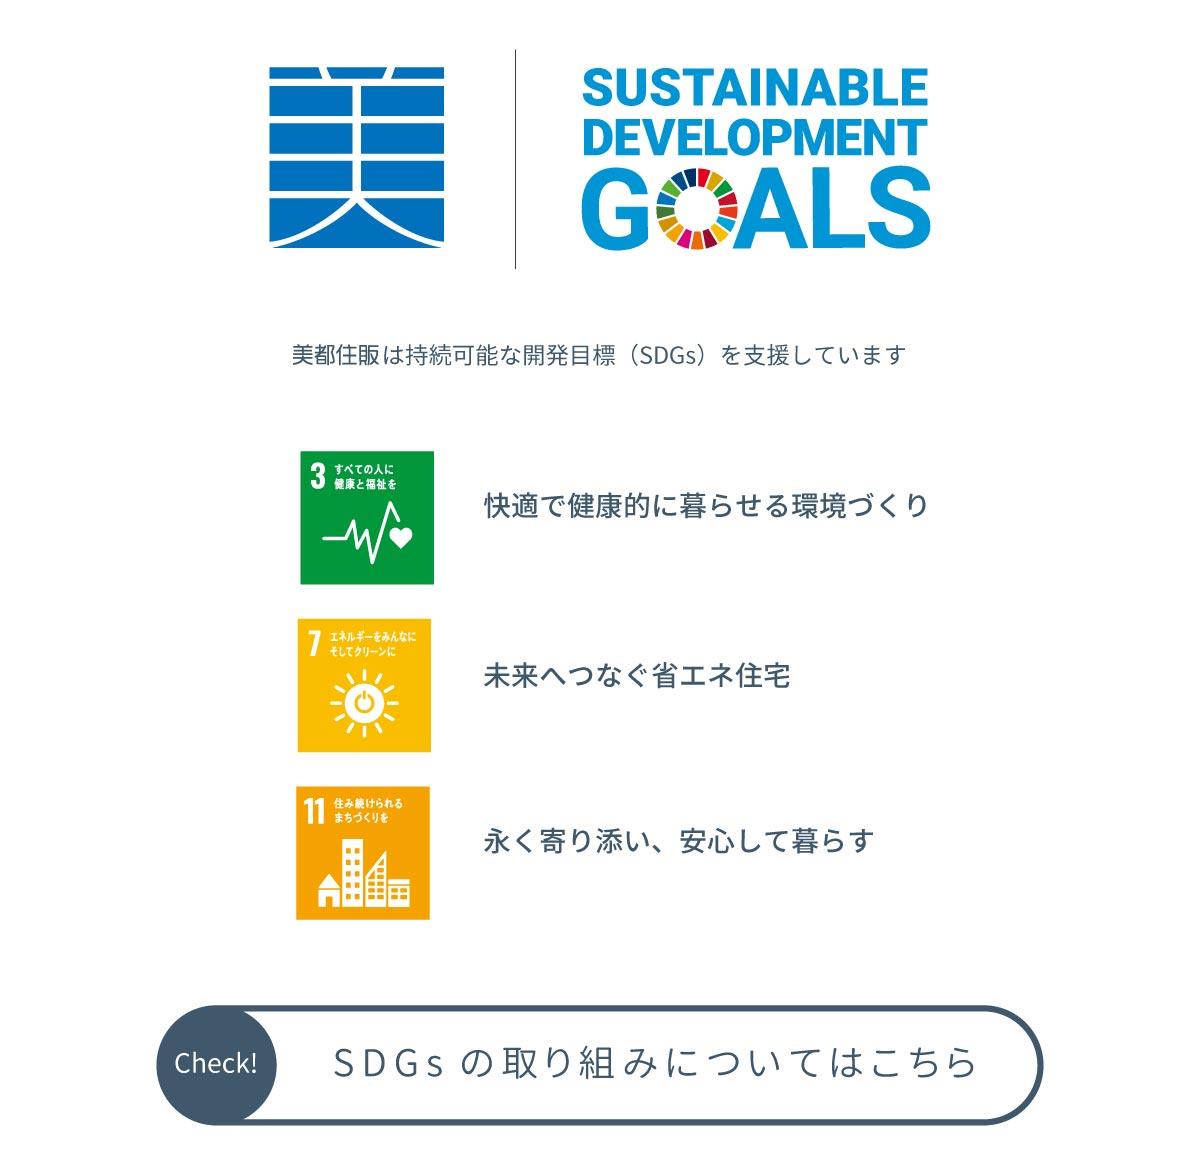 美都住販 空気 イベント モデルハウス 持続可能な開発目標(SDGs)を支援しています